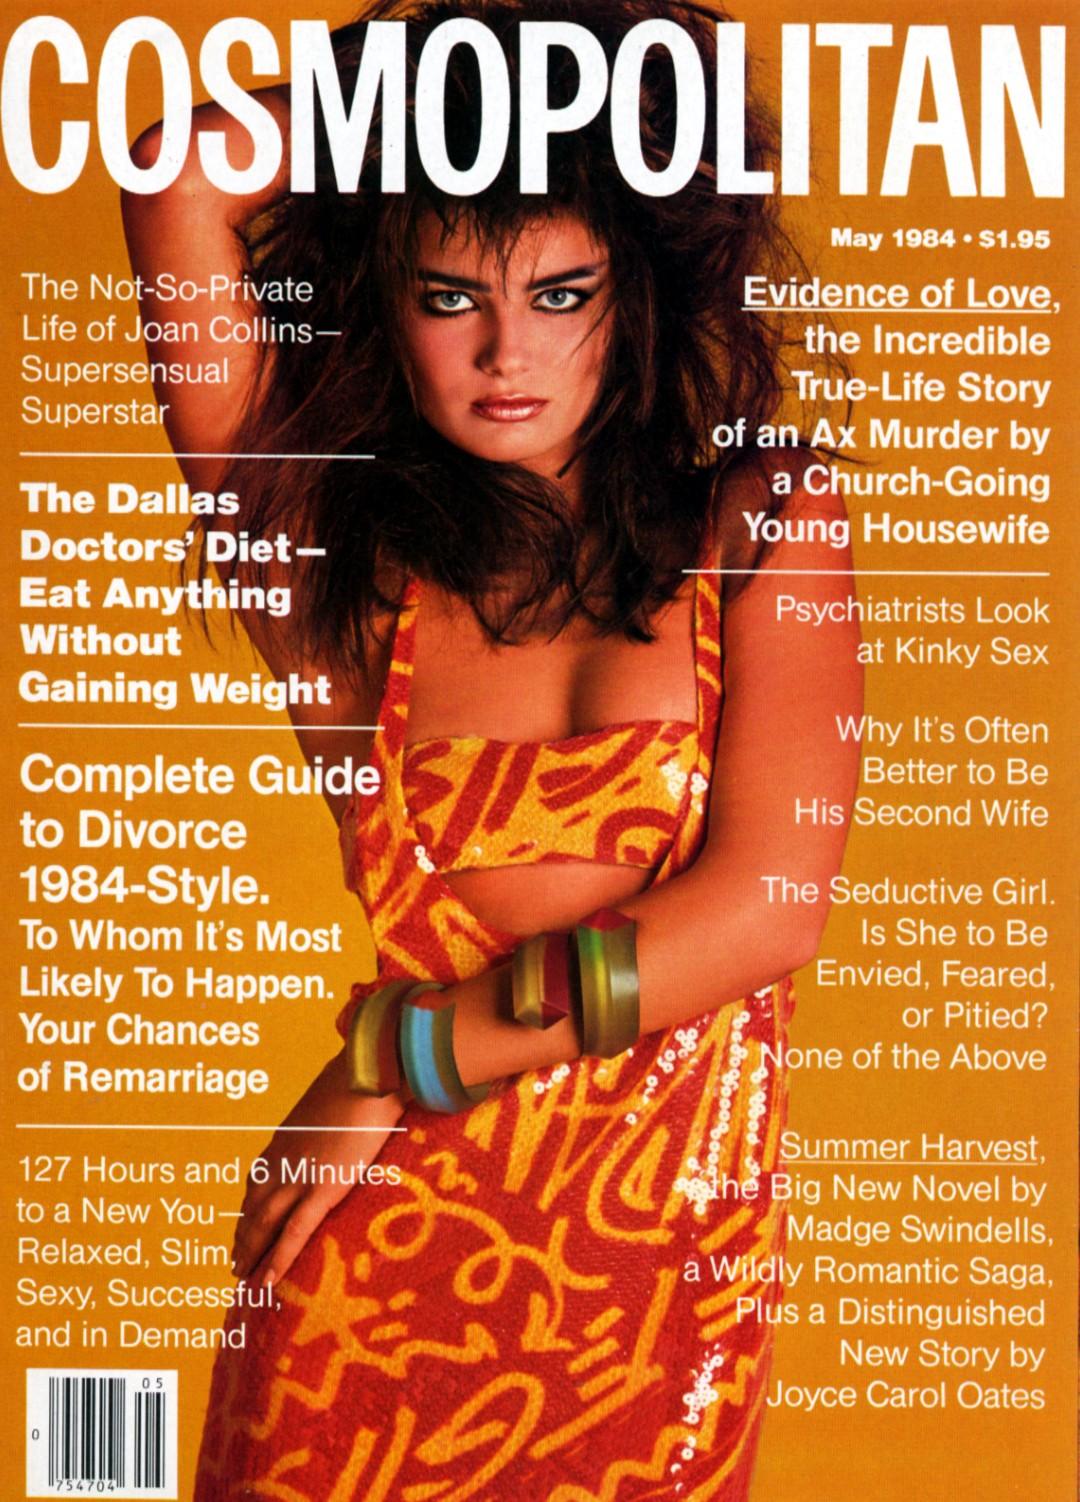 http://4.bp.blogspot.com/-nFD9wkqSvMQ/T43Mp7SGrDI/AAAAAAAAF-E/mSDtTuXSEek/s1600/Paulina+Cosmo+May+1984+Scavullo.jpg